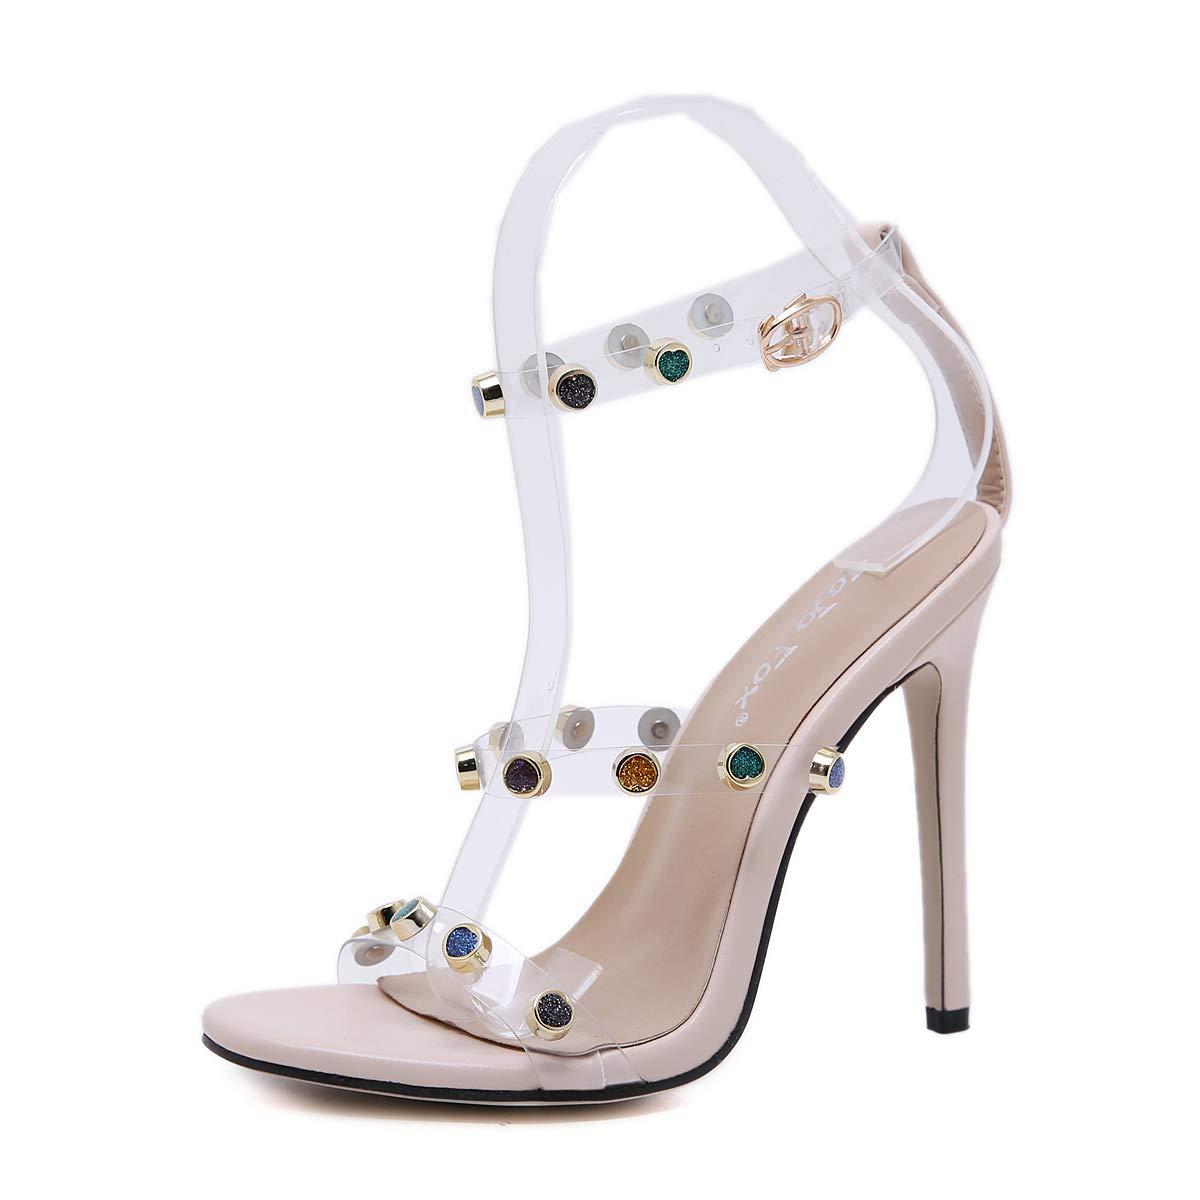 FengJingYuan Frauen Sandalen - Cross-Belt Farbe Nieten Strass High Heel Transparente Folie Damenschuhe  | Kaufen